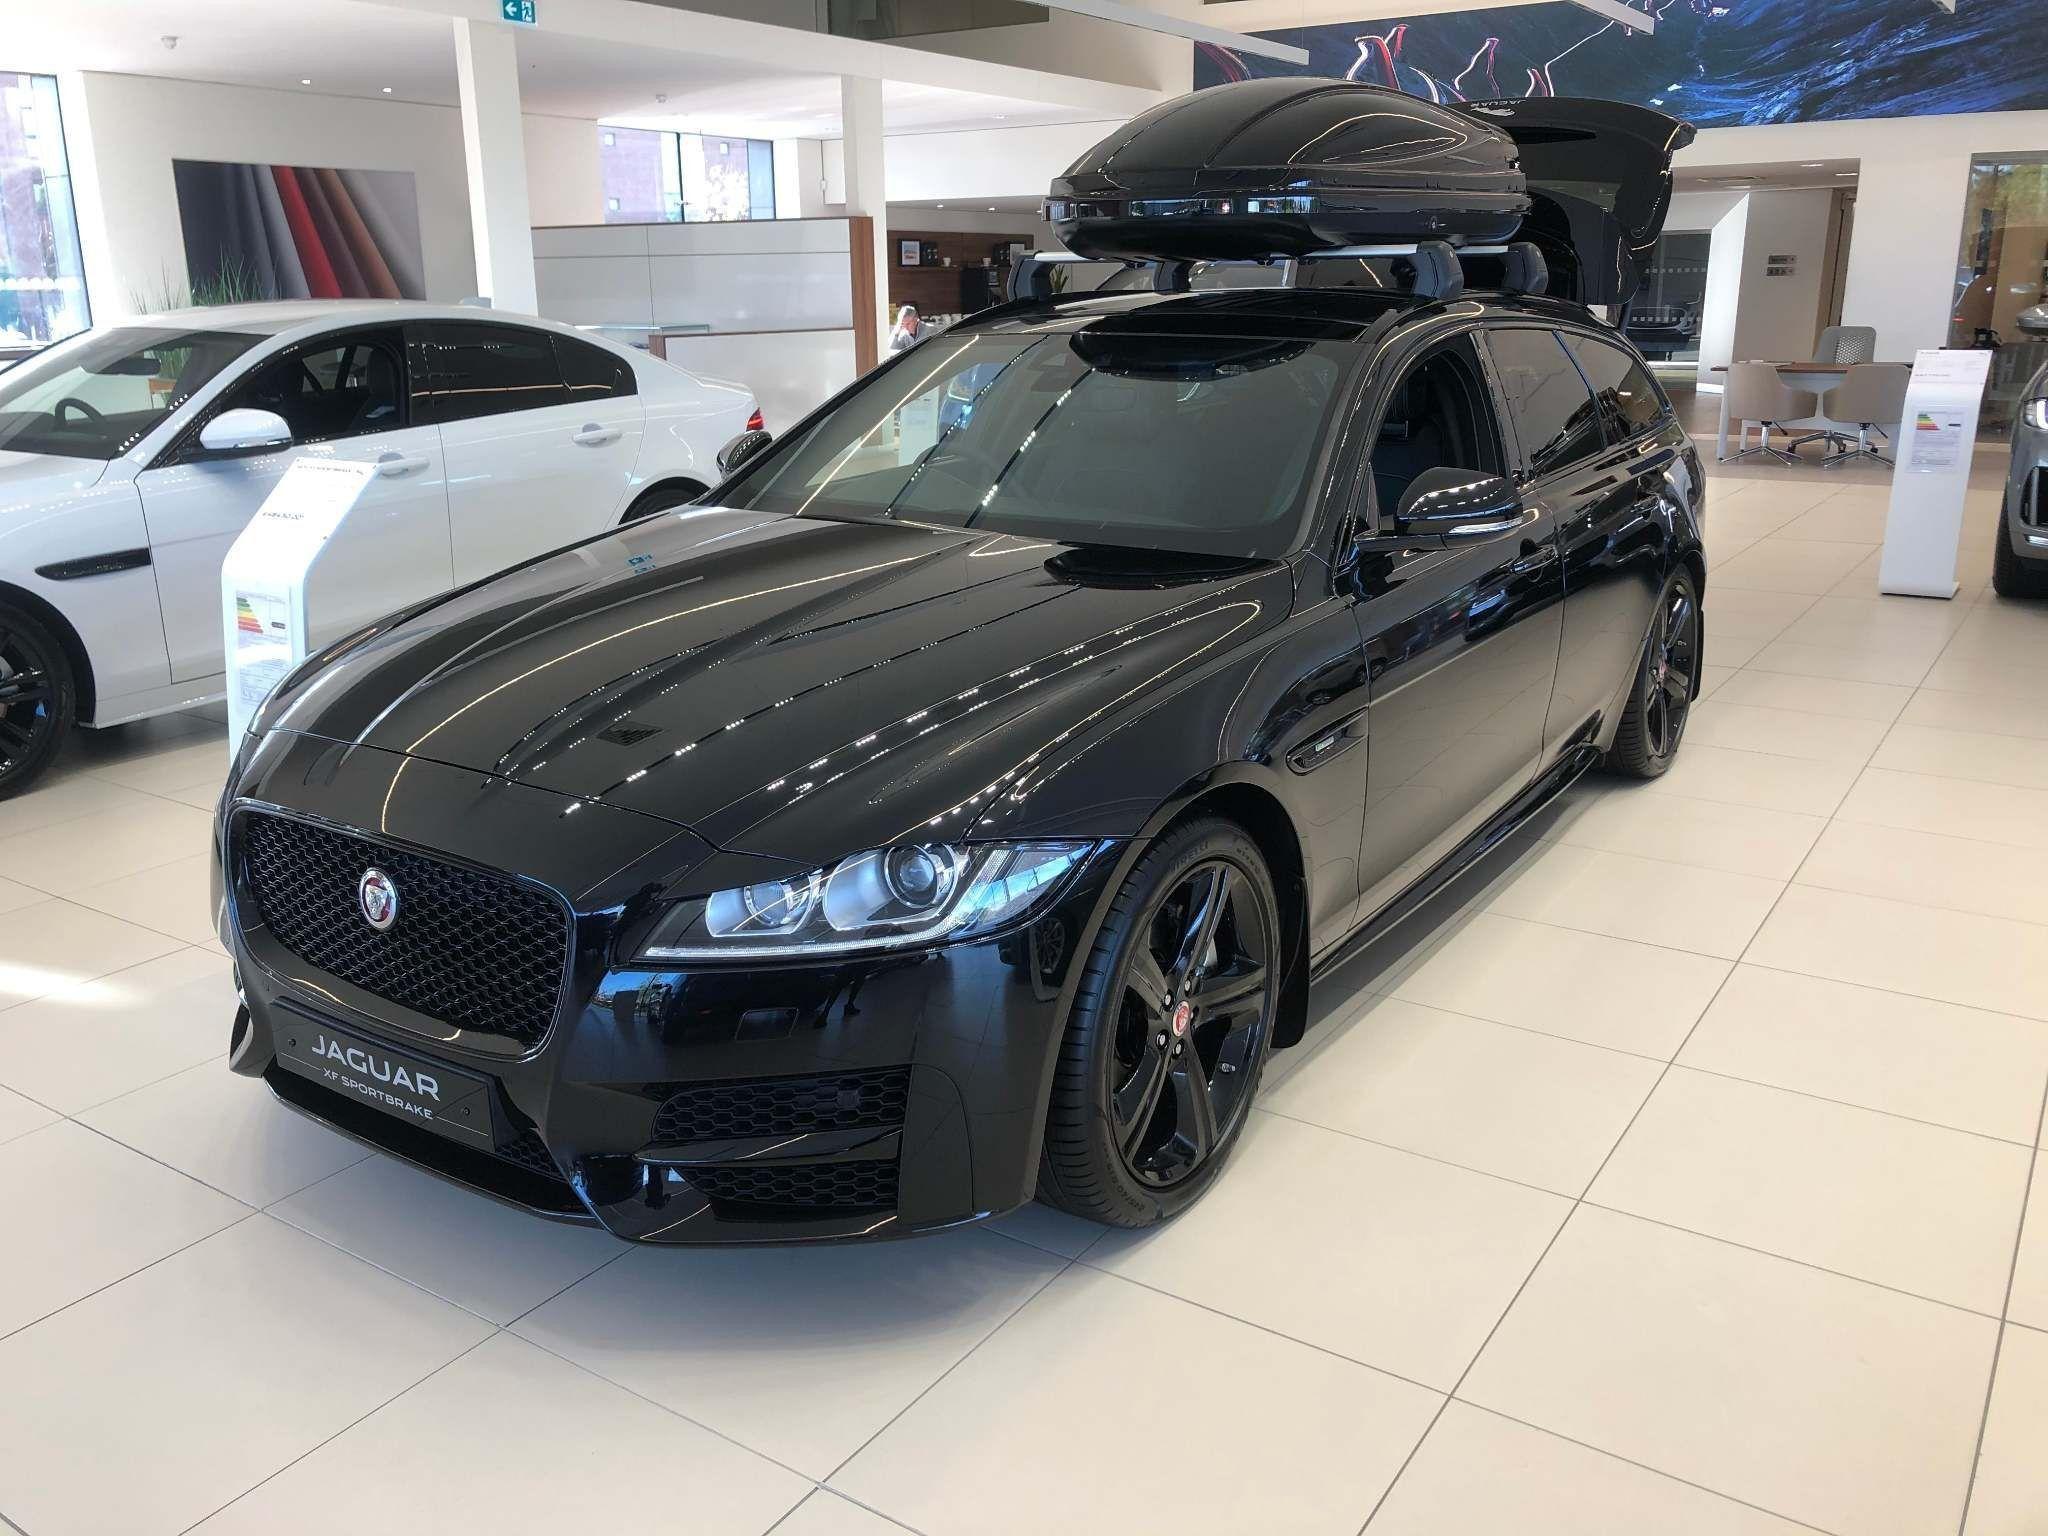 Jaguar Xf 2 0d R Sport Sportbrake Auto S S 5dr In 2020 Jaguar Xf Jaguar Sports